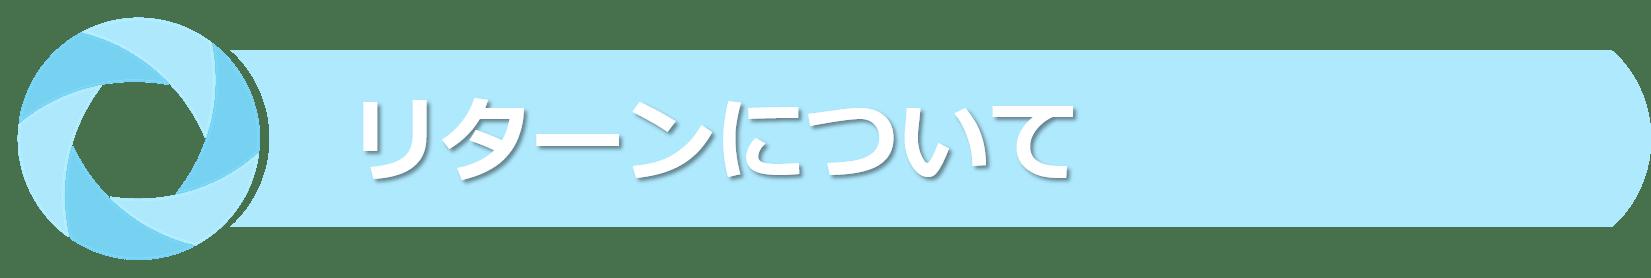 アーティスト ライブ コロナ 大阪 ハウス